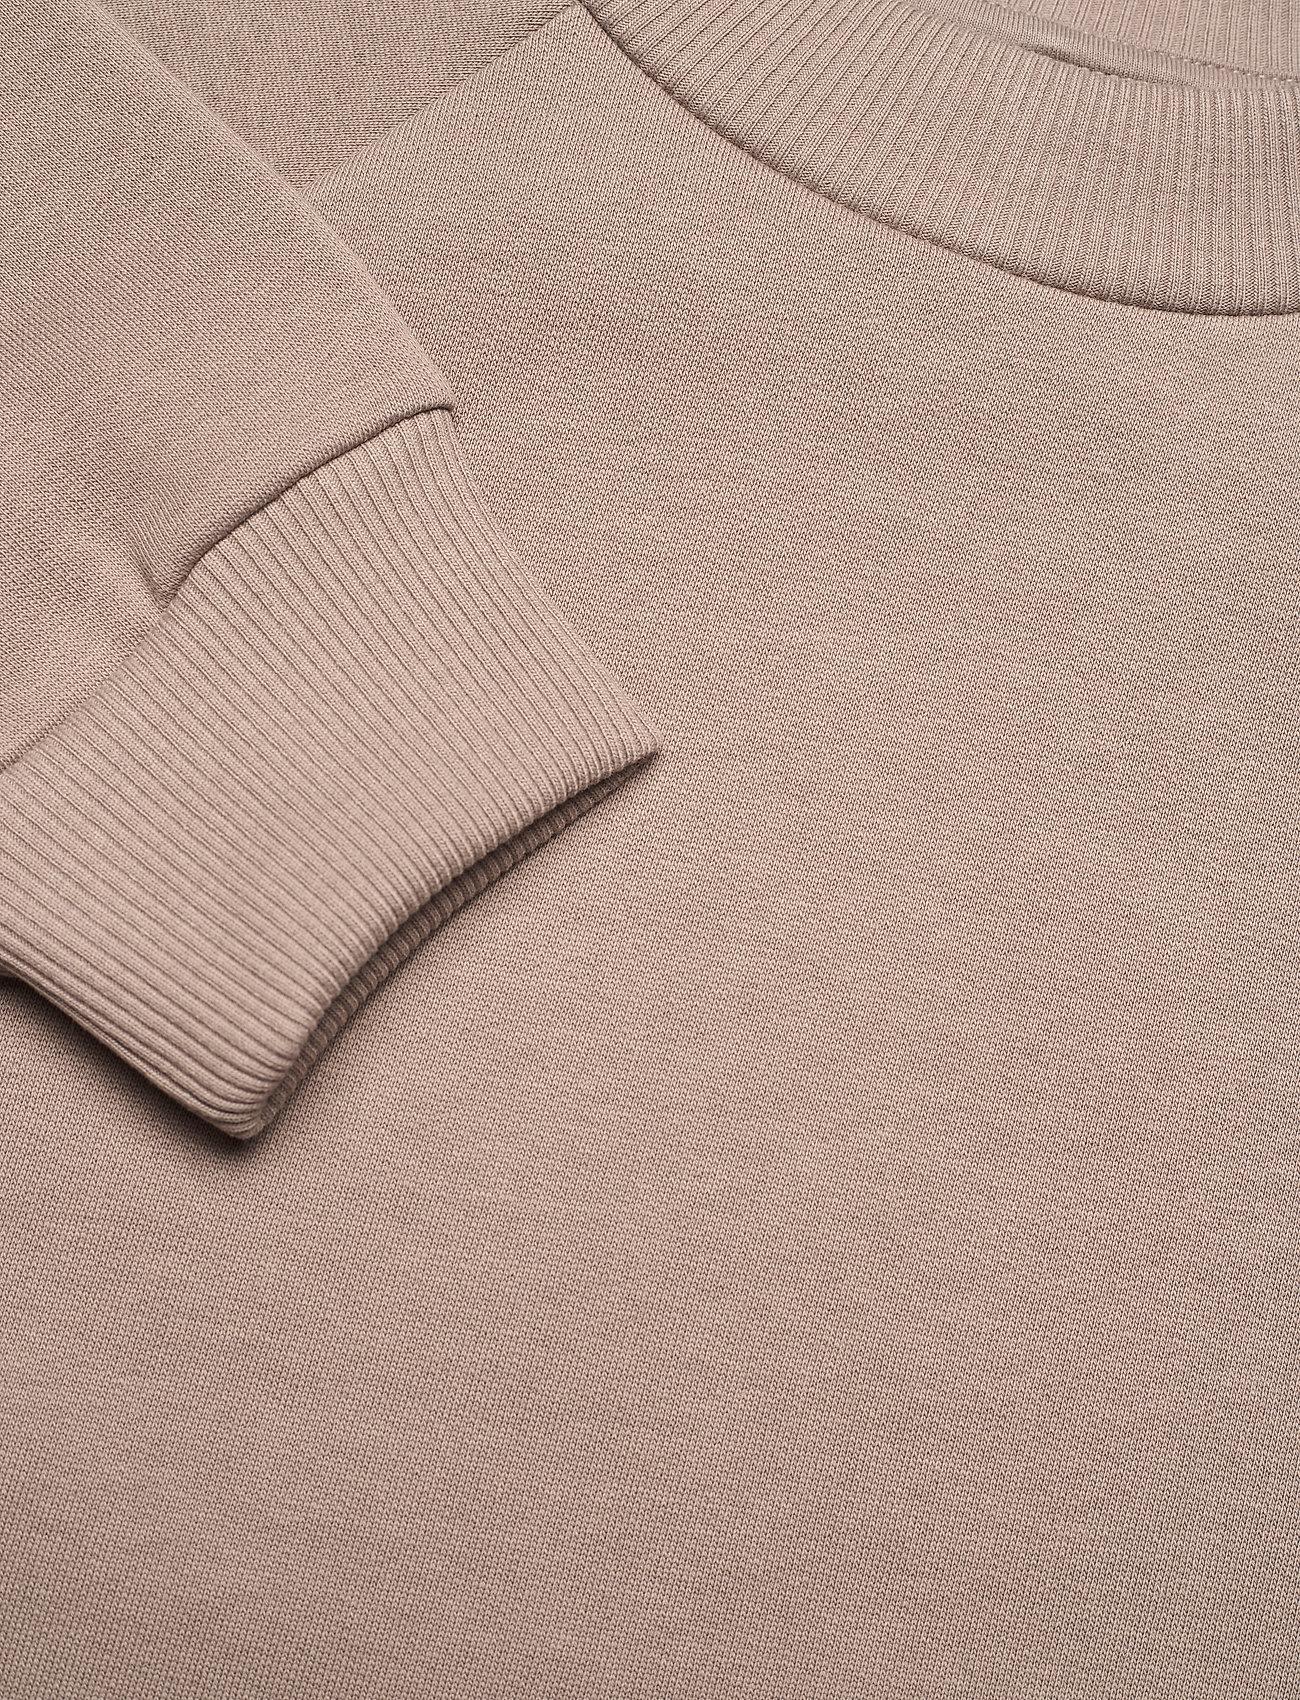 Blanche - BLANCHE x BOOZT Hella Oversize - BZ - sweatshirts & hættetrøjer - cinder - 2